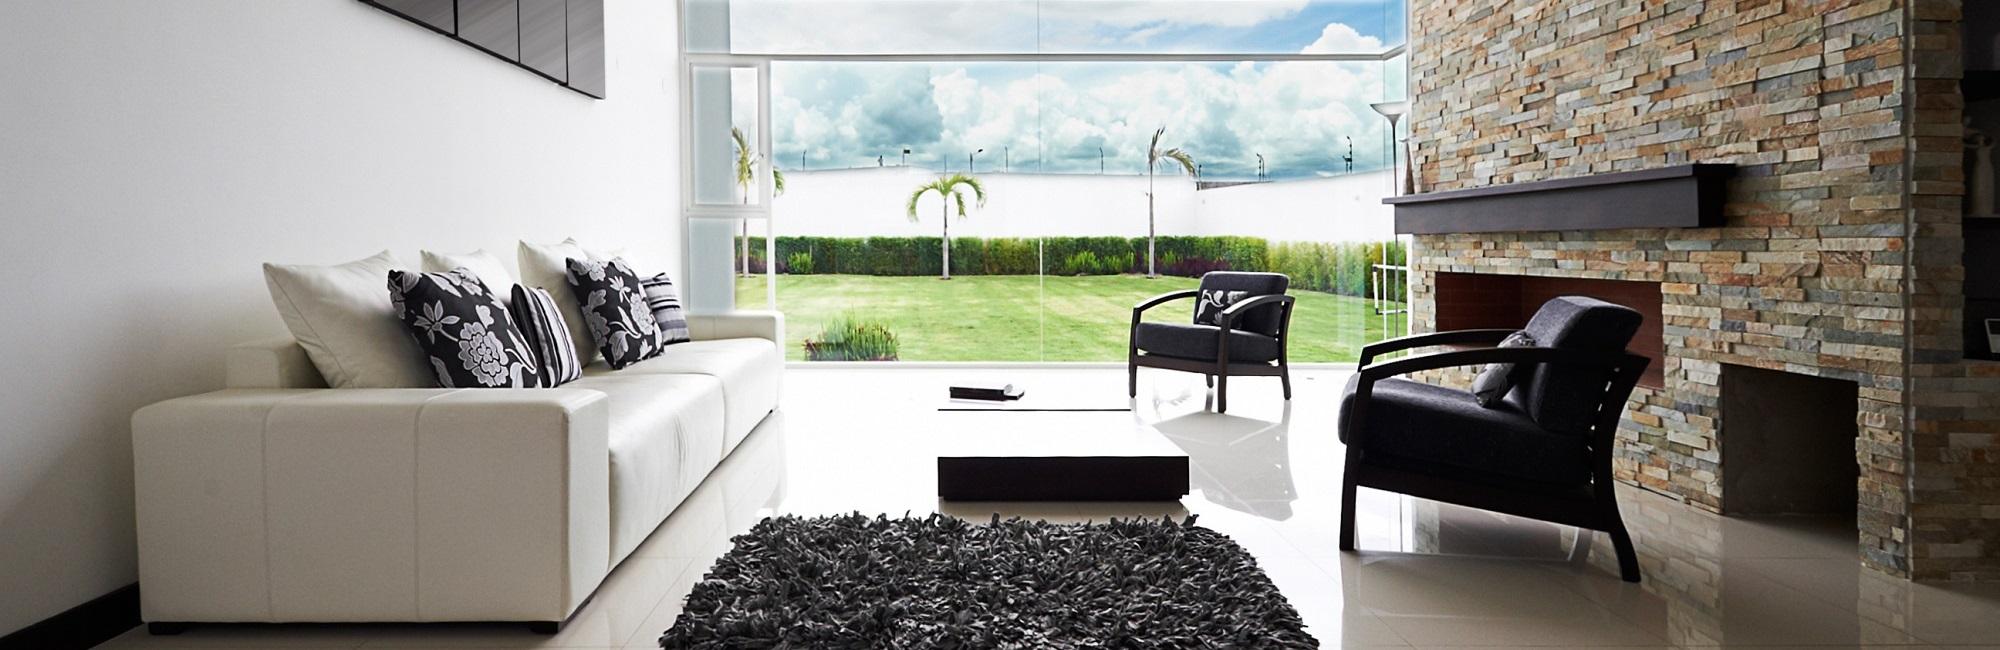 Chase Property Group - Lifestyle Image